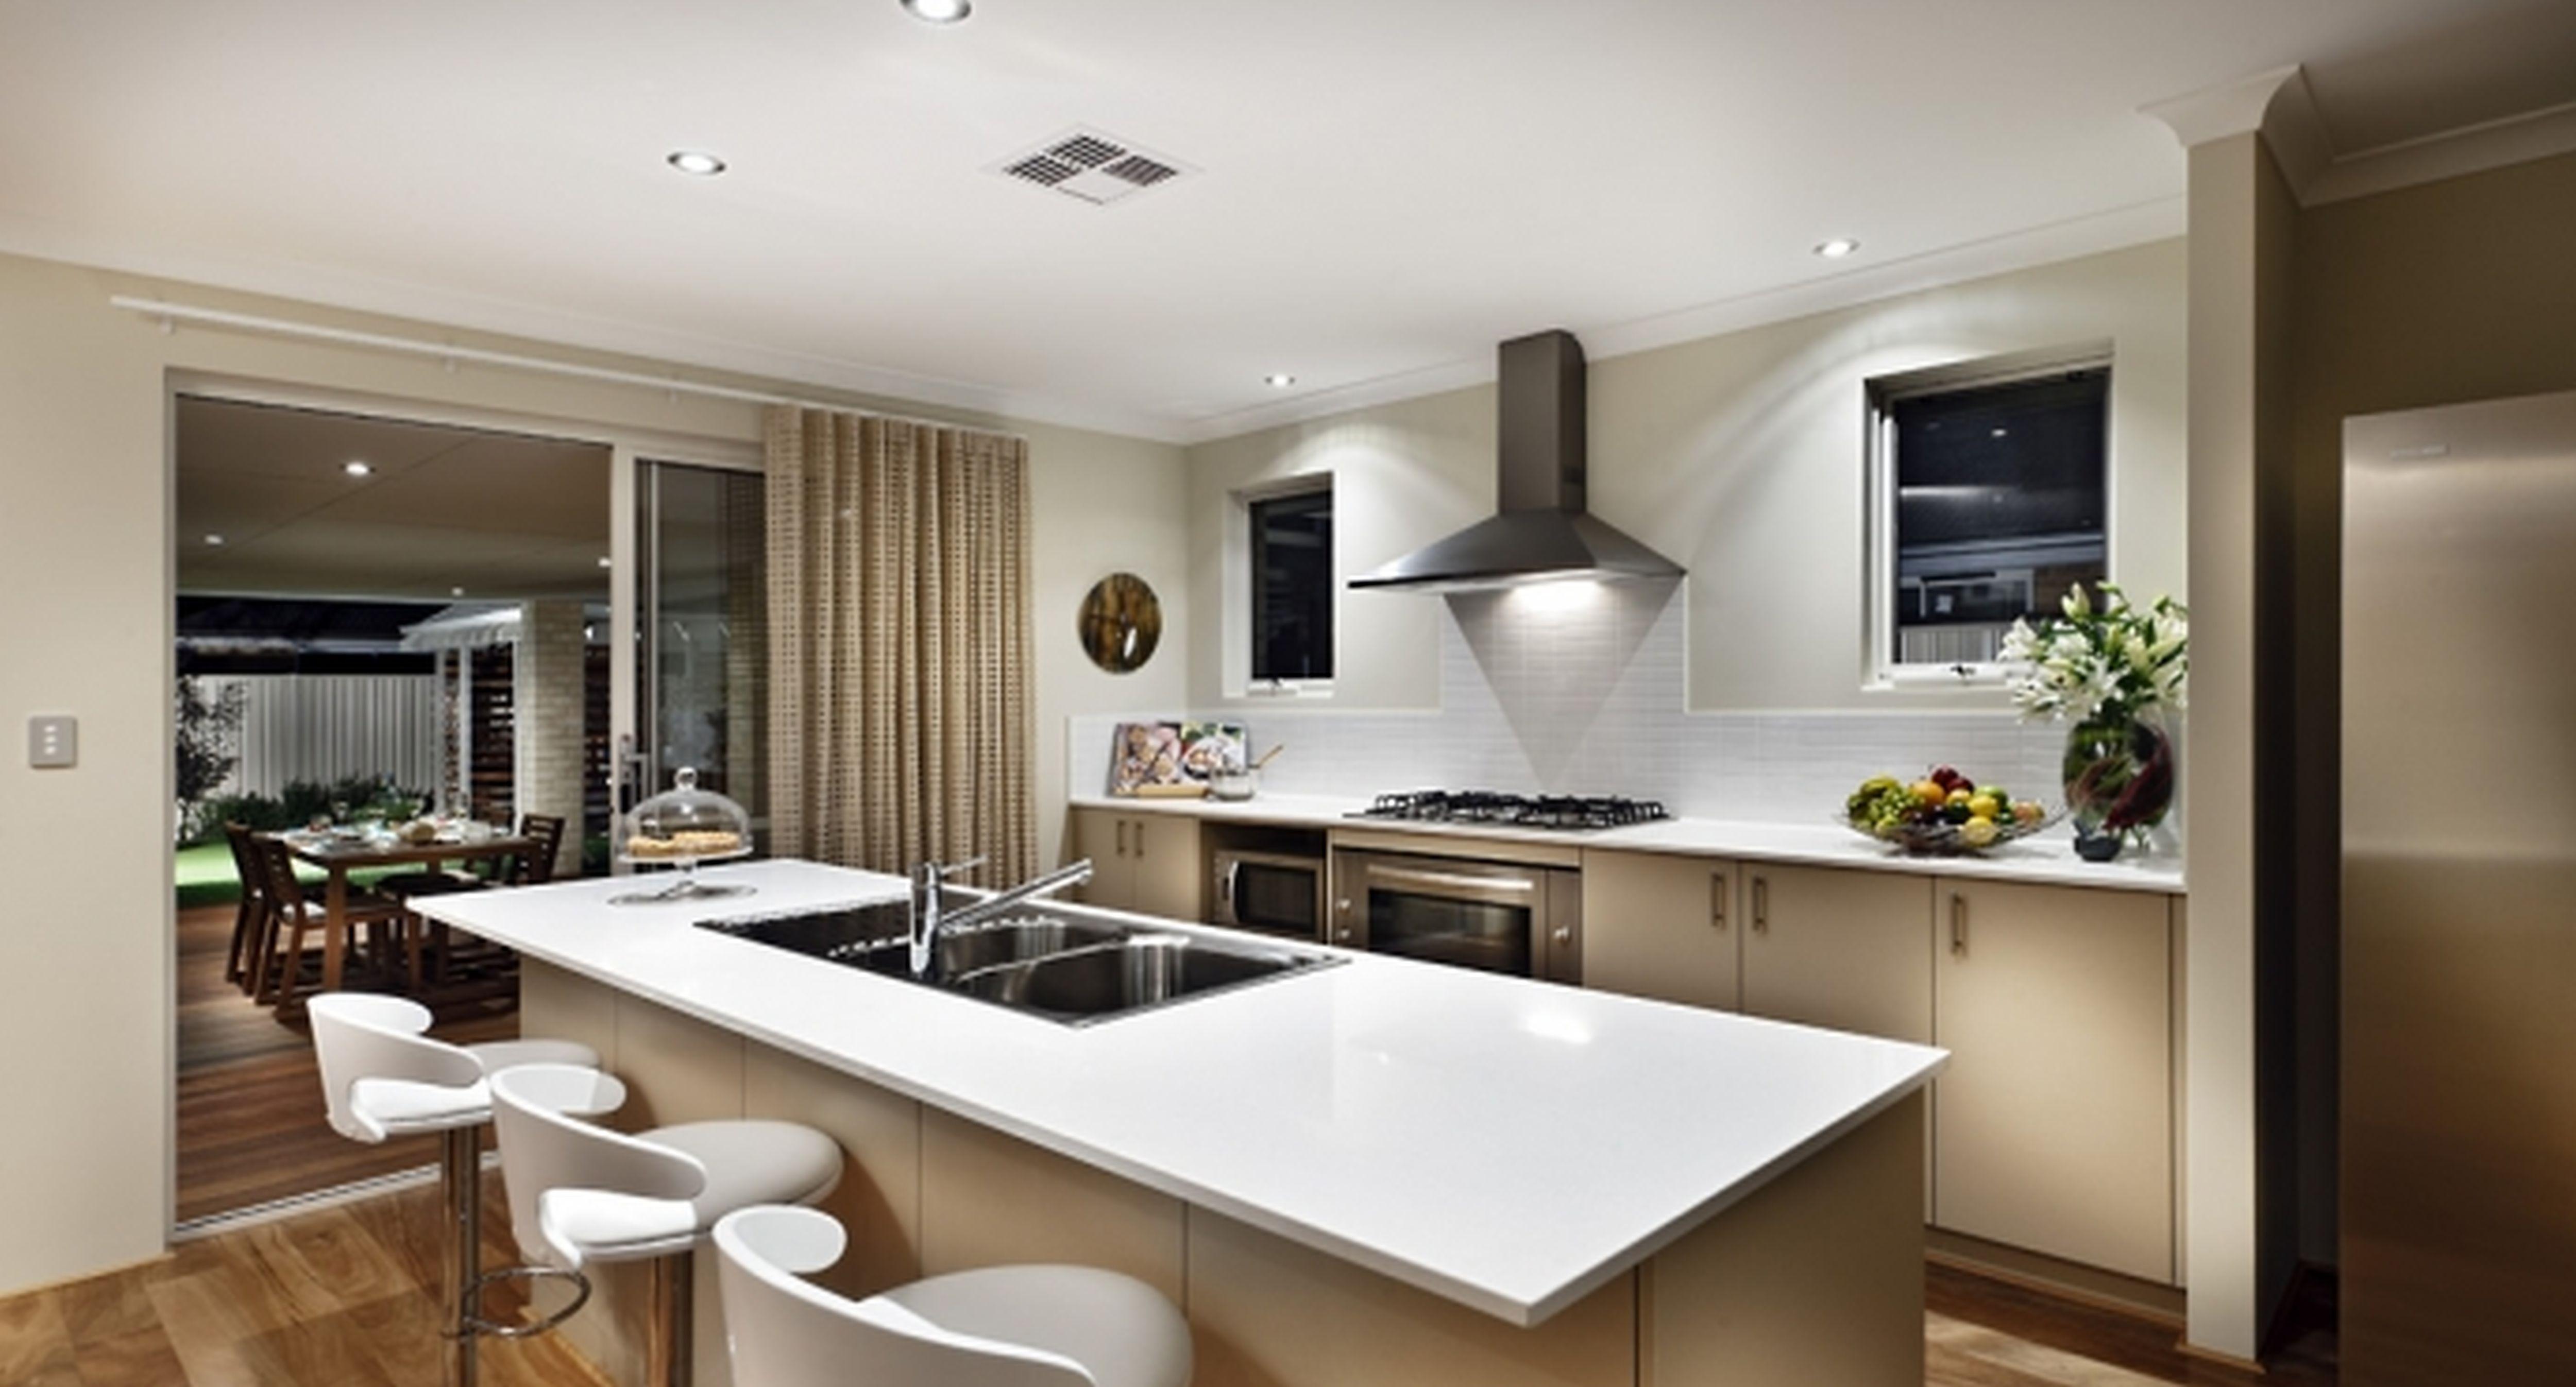 Cocinas con encanto top materiales con encanto en una cocina chic with cocinas con encanto a - Cocinas con encanto ...